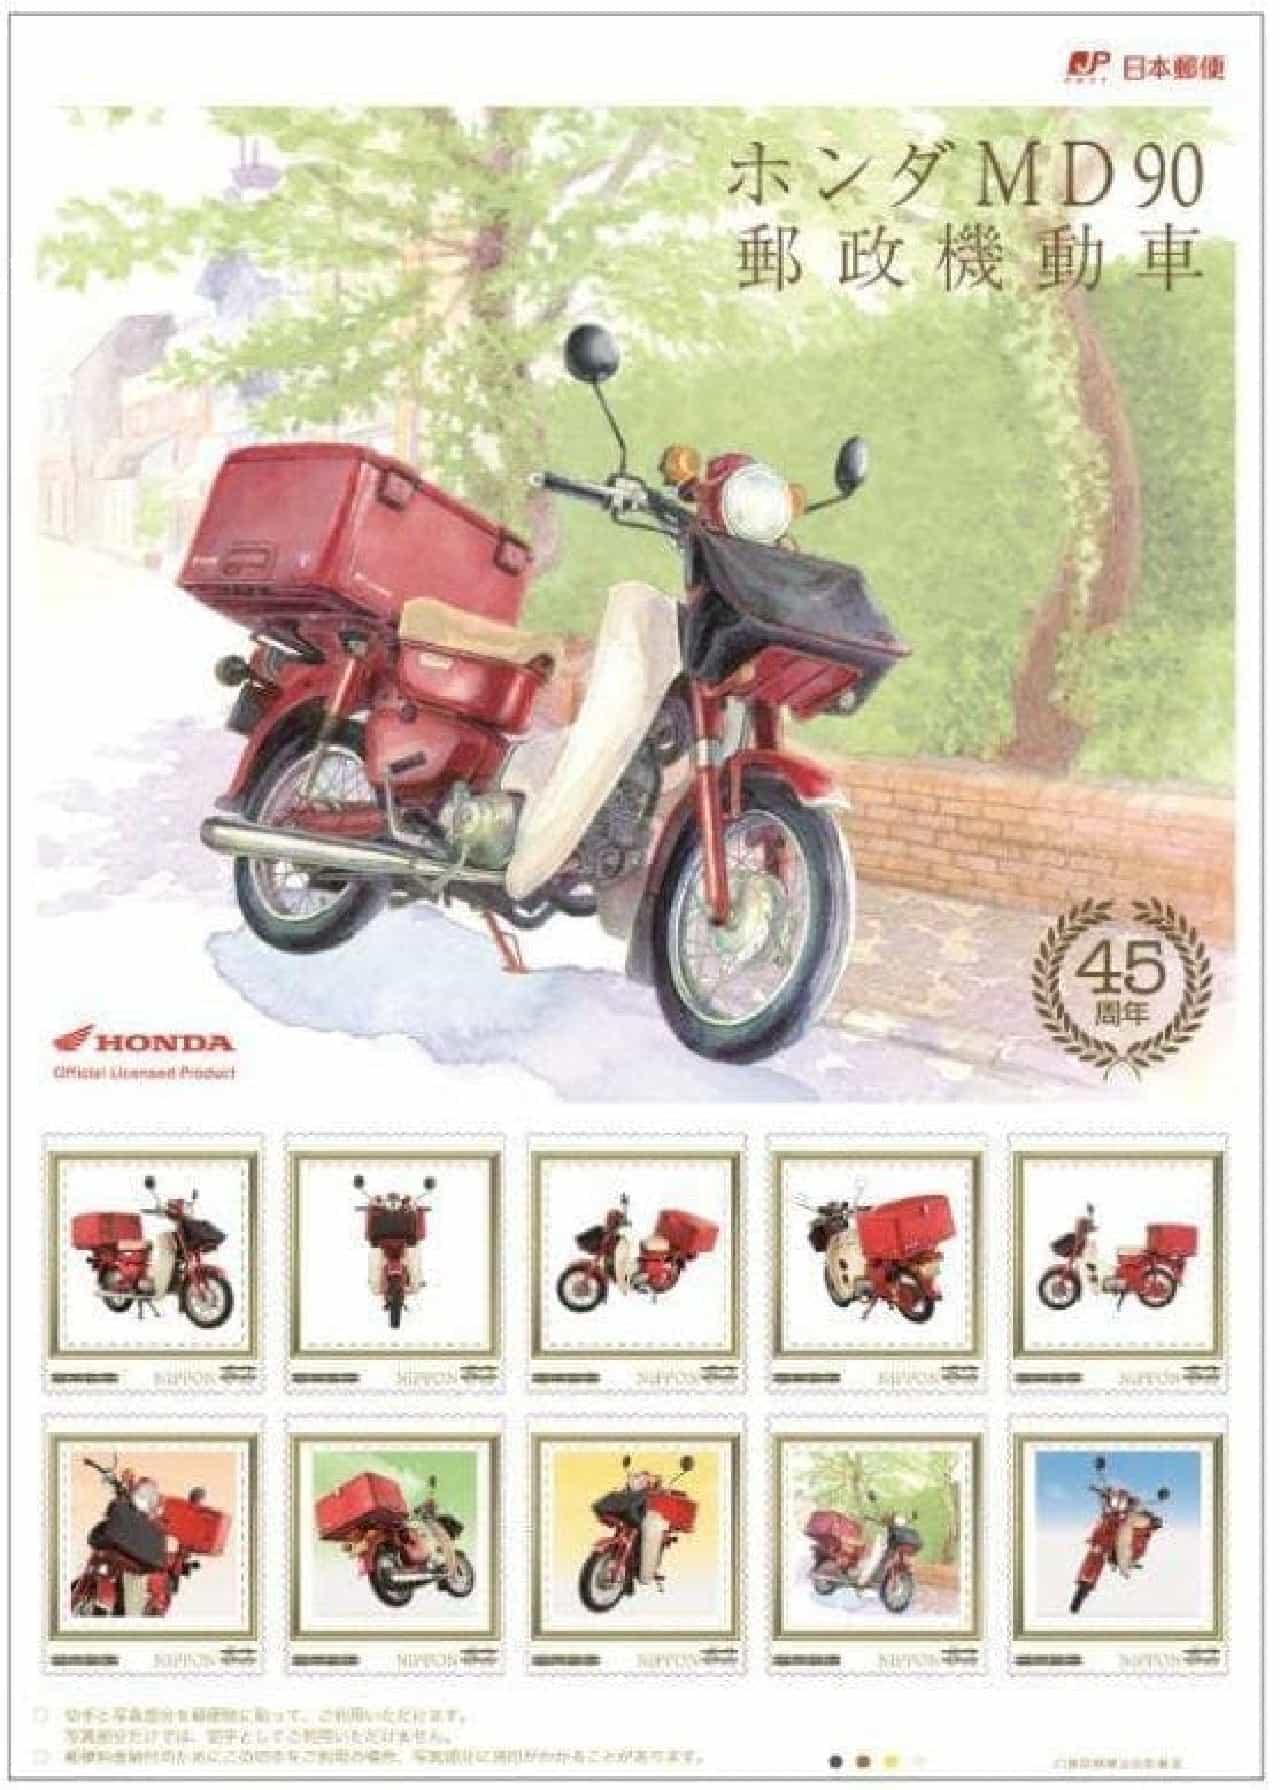 「ホンダ MD90 郵政機動車フレーム切手セット(ミニチュアモデル付き)」発売